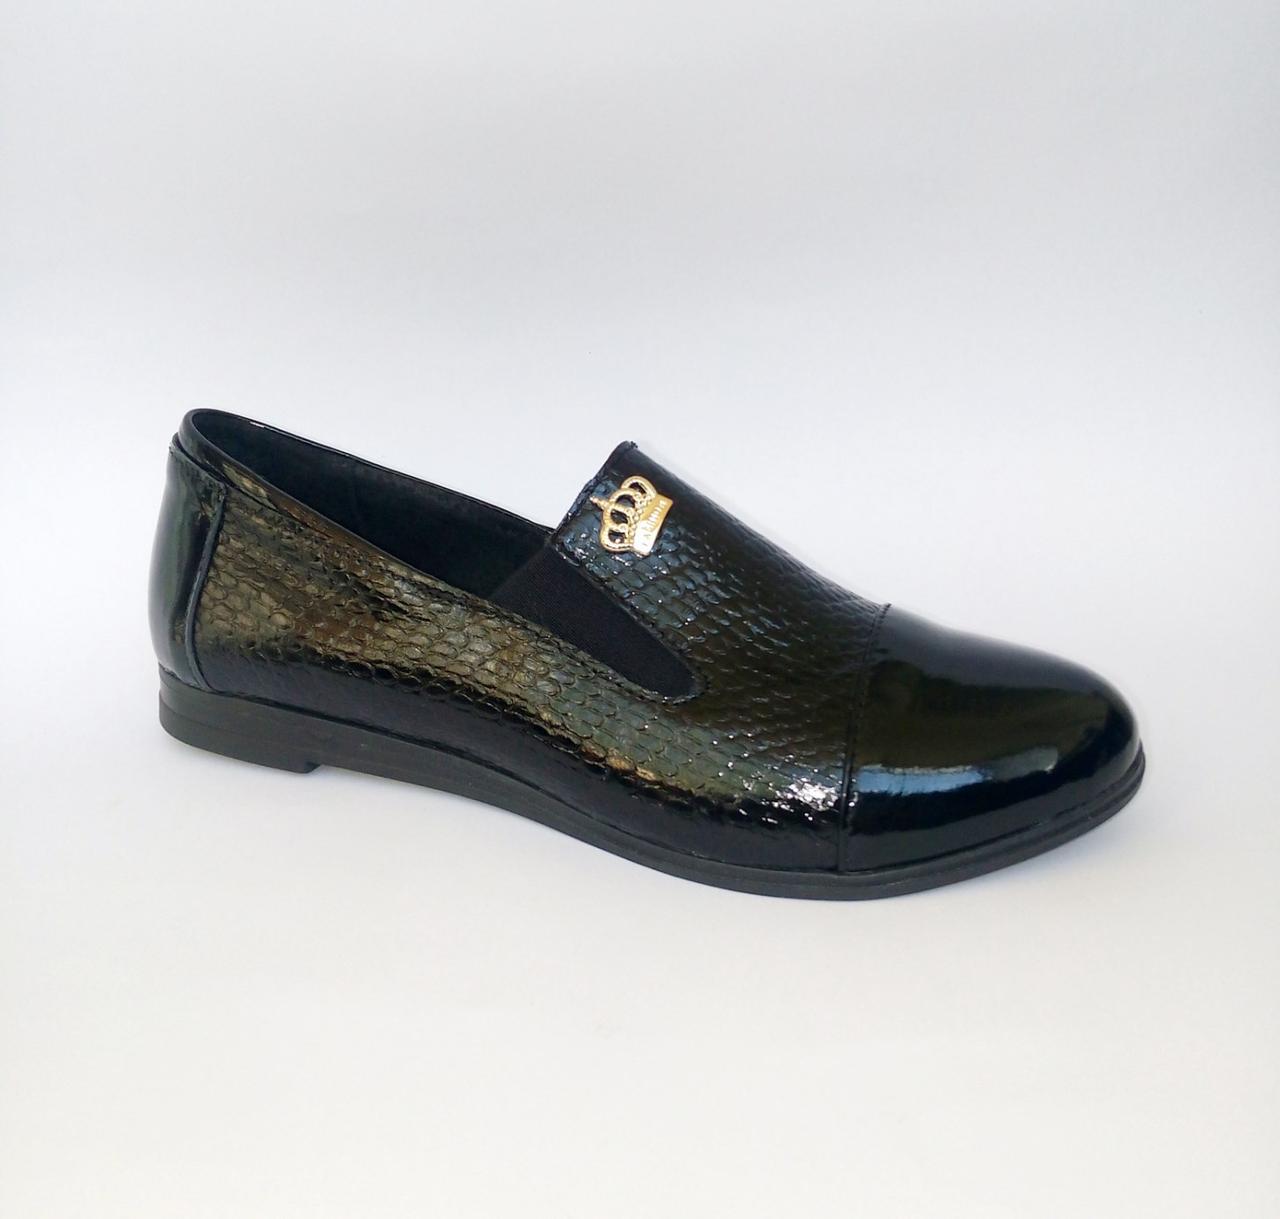 798dd0a98e68 Женские туфли фабричная обувь оптом.  продажа, цена в Днепре. туфли ...